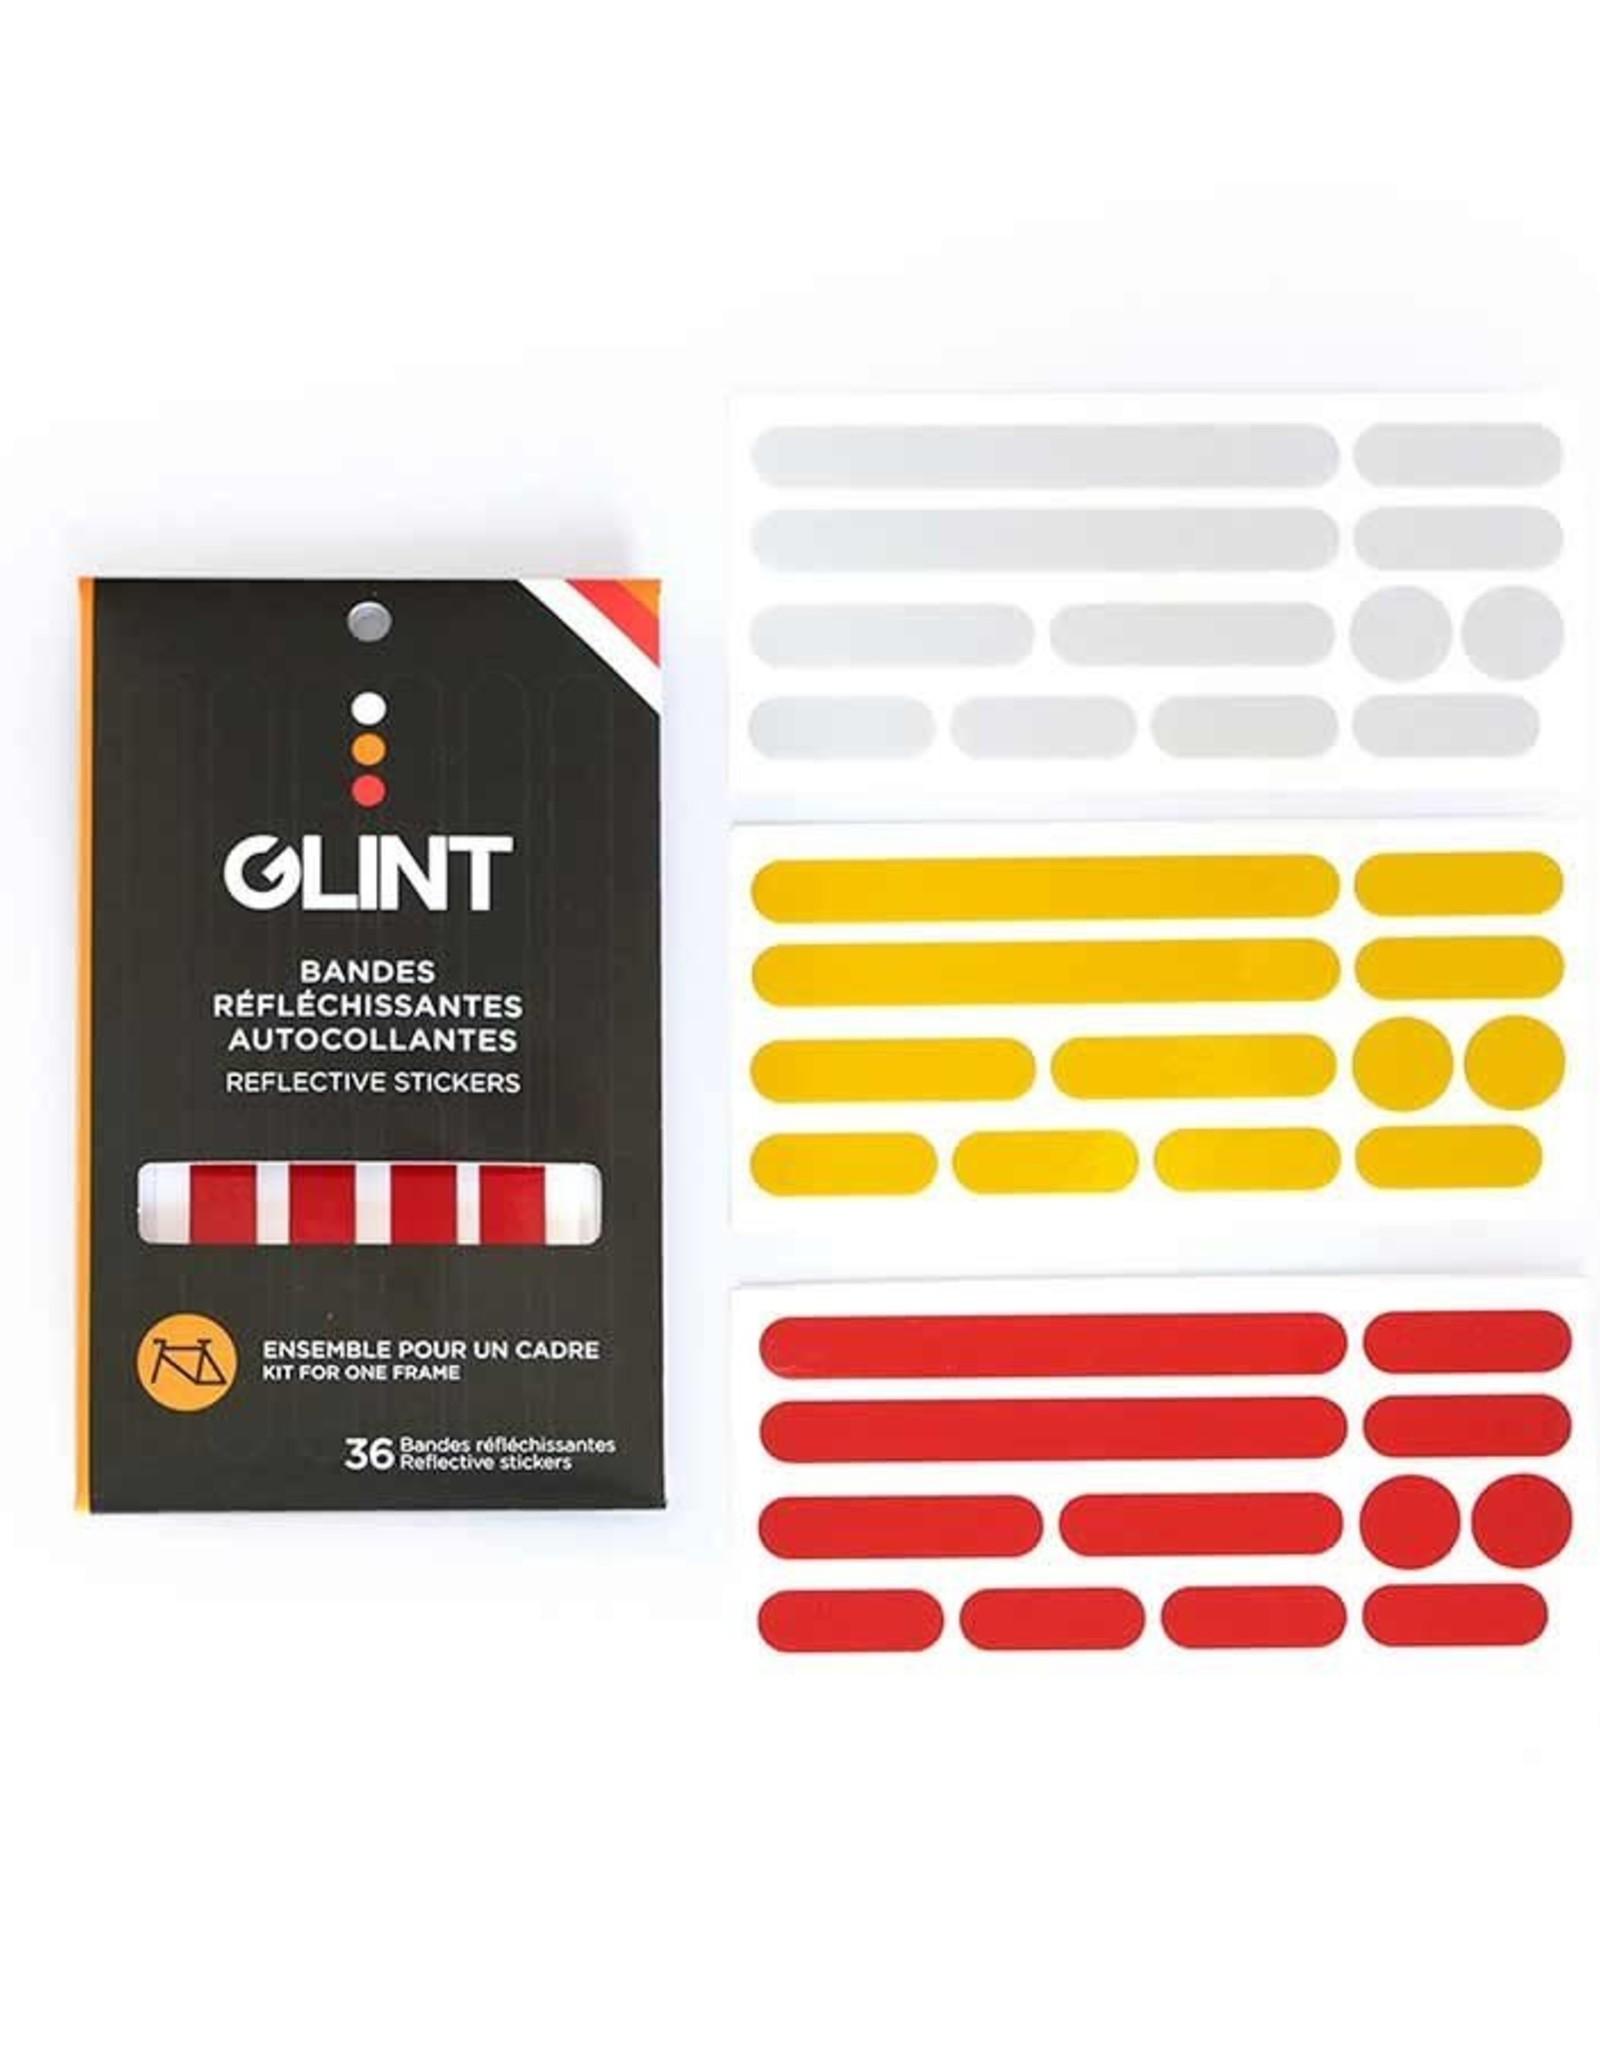 GLINT REFLECTIVE GLINT Reflective, Ensemble pour cadre 3 couleurs, Blanc/Jaune/Rouge, Kit